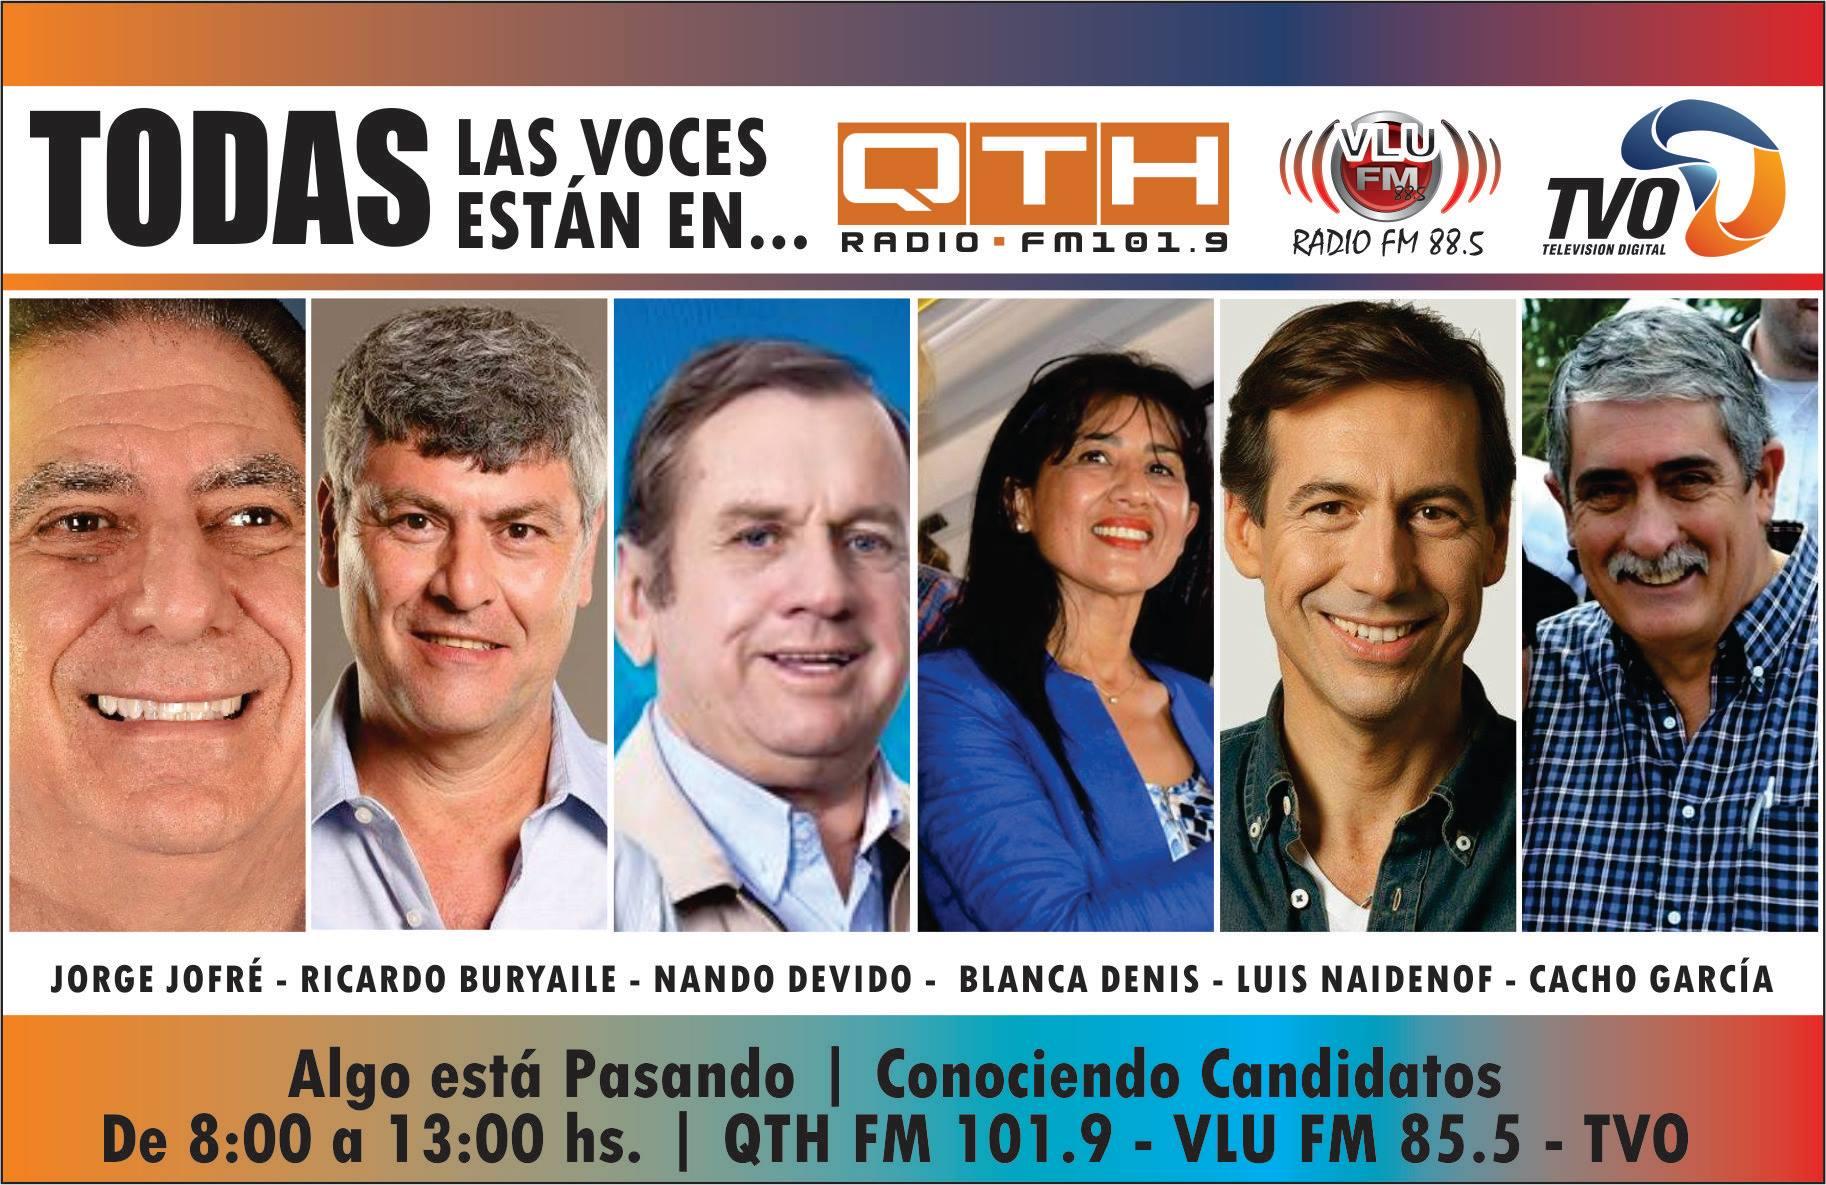 todos los candidatos qth